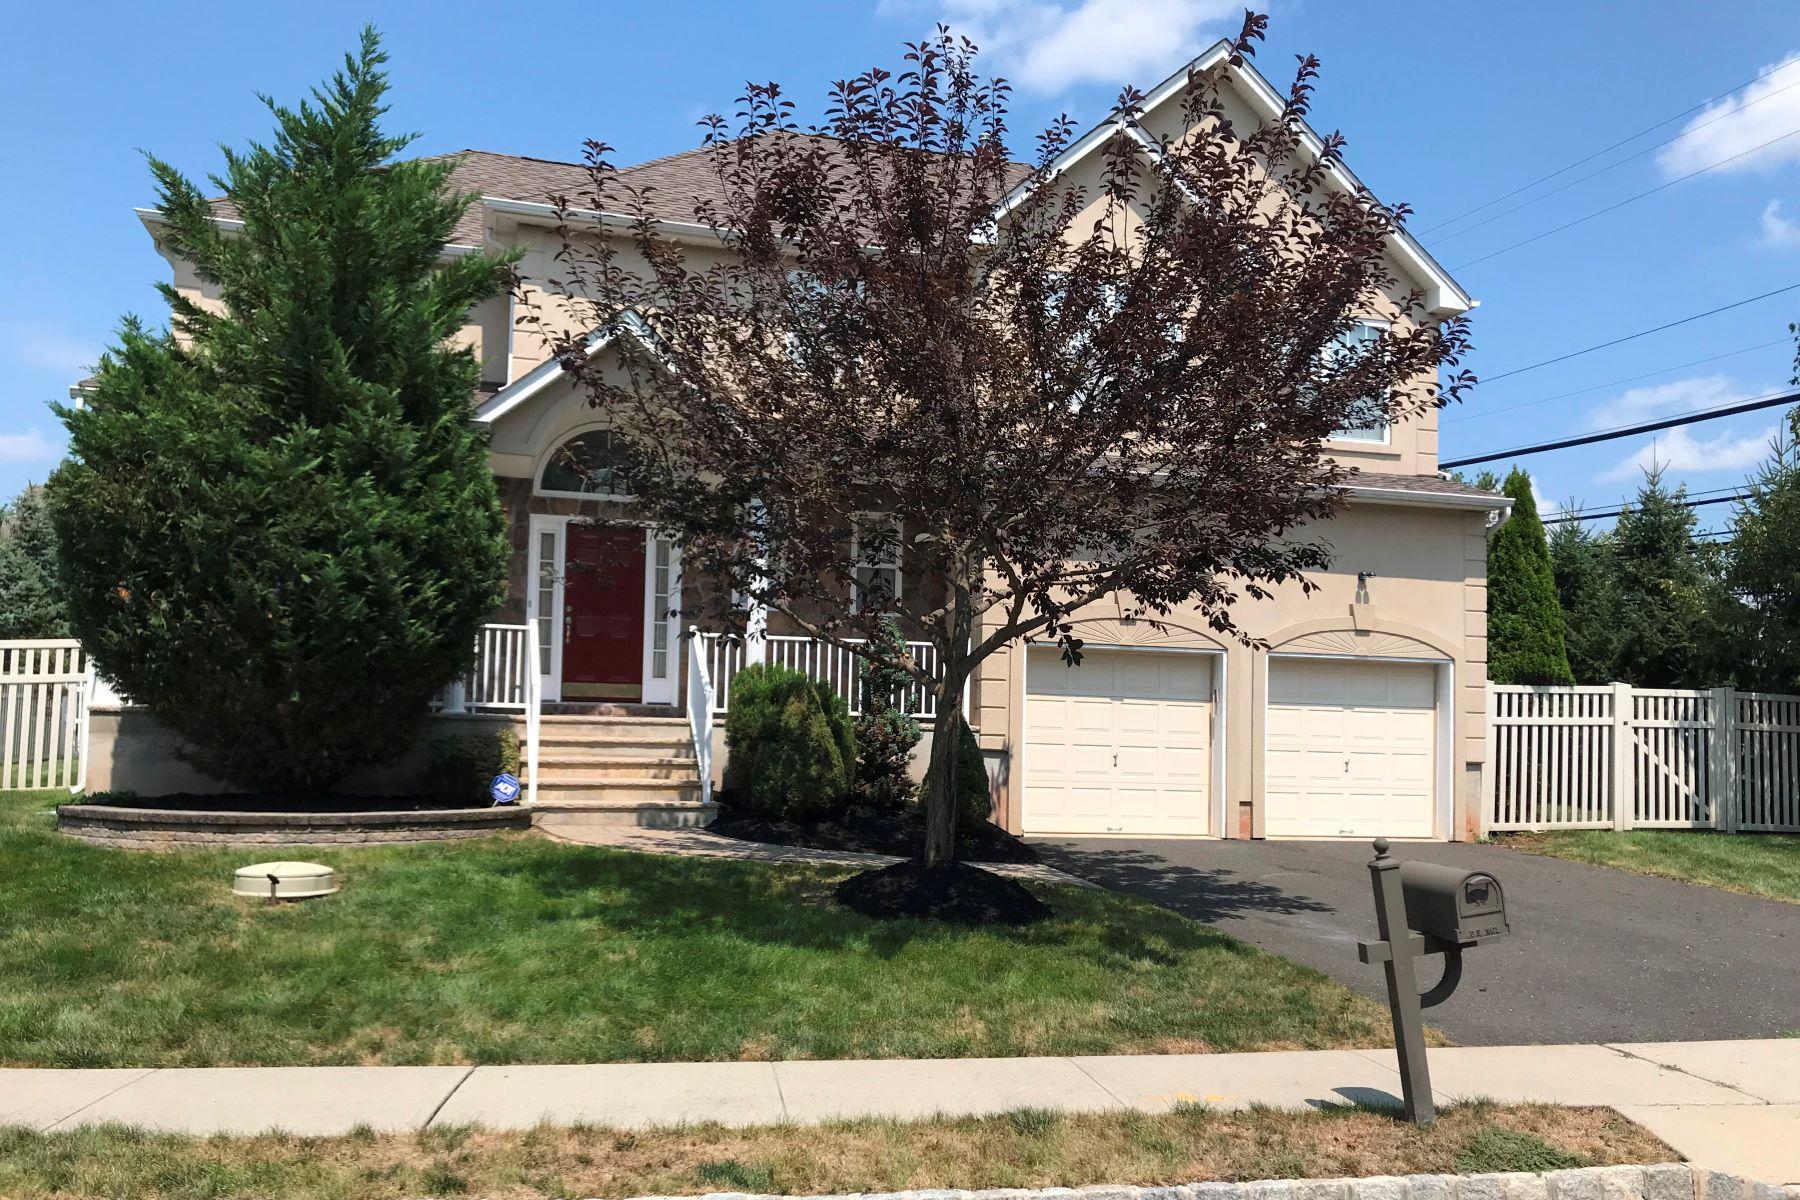 Частный односемейный дом для того Аренда на Great Location! 2 Bujak Court, Bridgewater, Нью-Джерси 08807 Соединенные Штаты